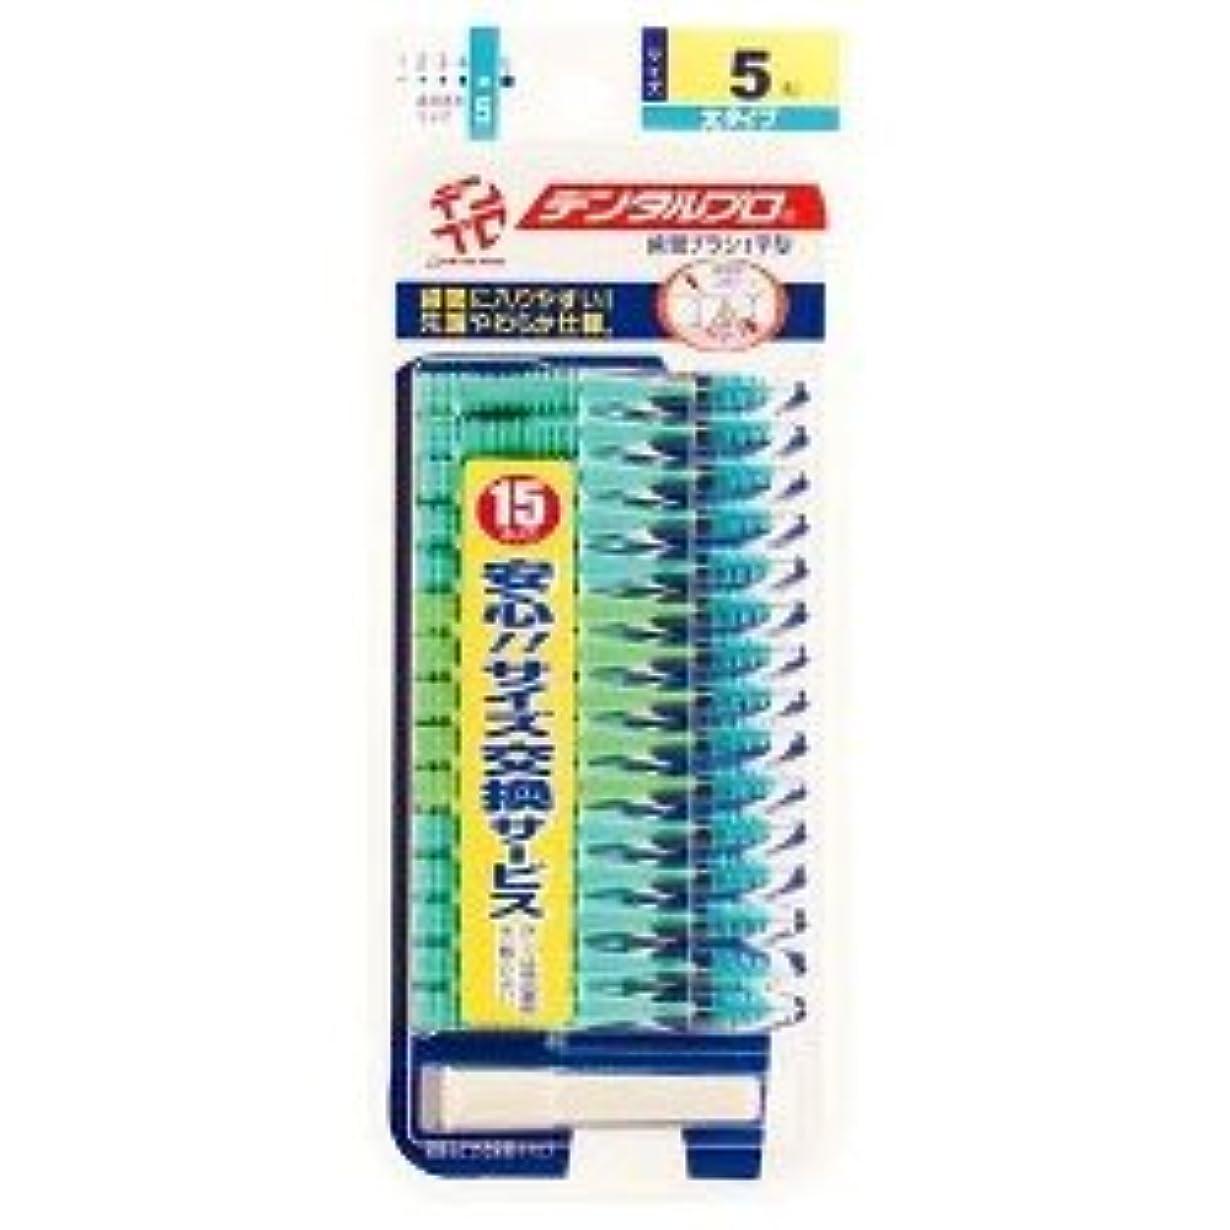 釈義膨張する支配的【デンタルプロ】デンタルプロ 歯間ブラシ サイズ5-L 15本入 ×3個セット